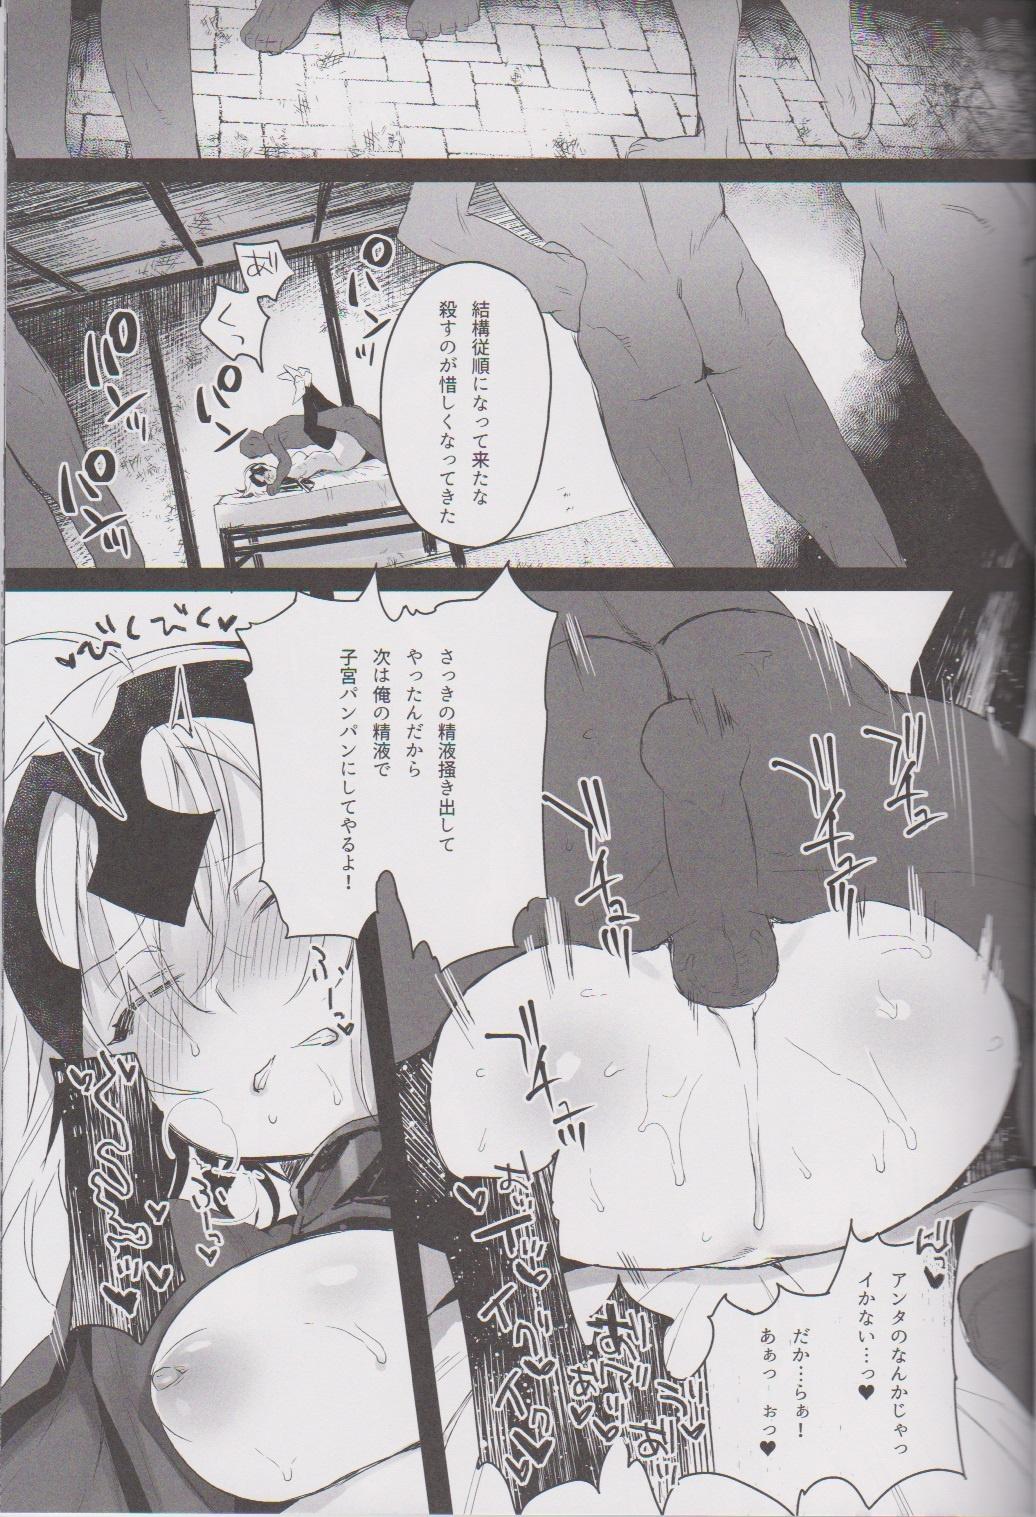 【FGO エロ漫画・エロ同人】巨乳のジャンヌ・オルタが捕らわれて集団レイプされちゃってるwひたすら中出しセックスで陵辱され身体中ザーメンだらけにwww (14)